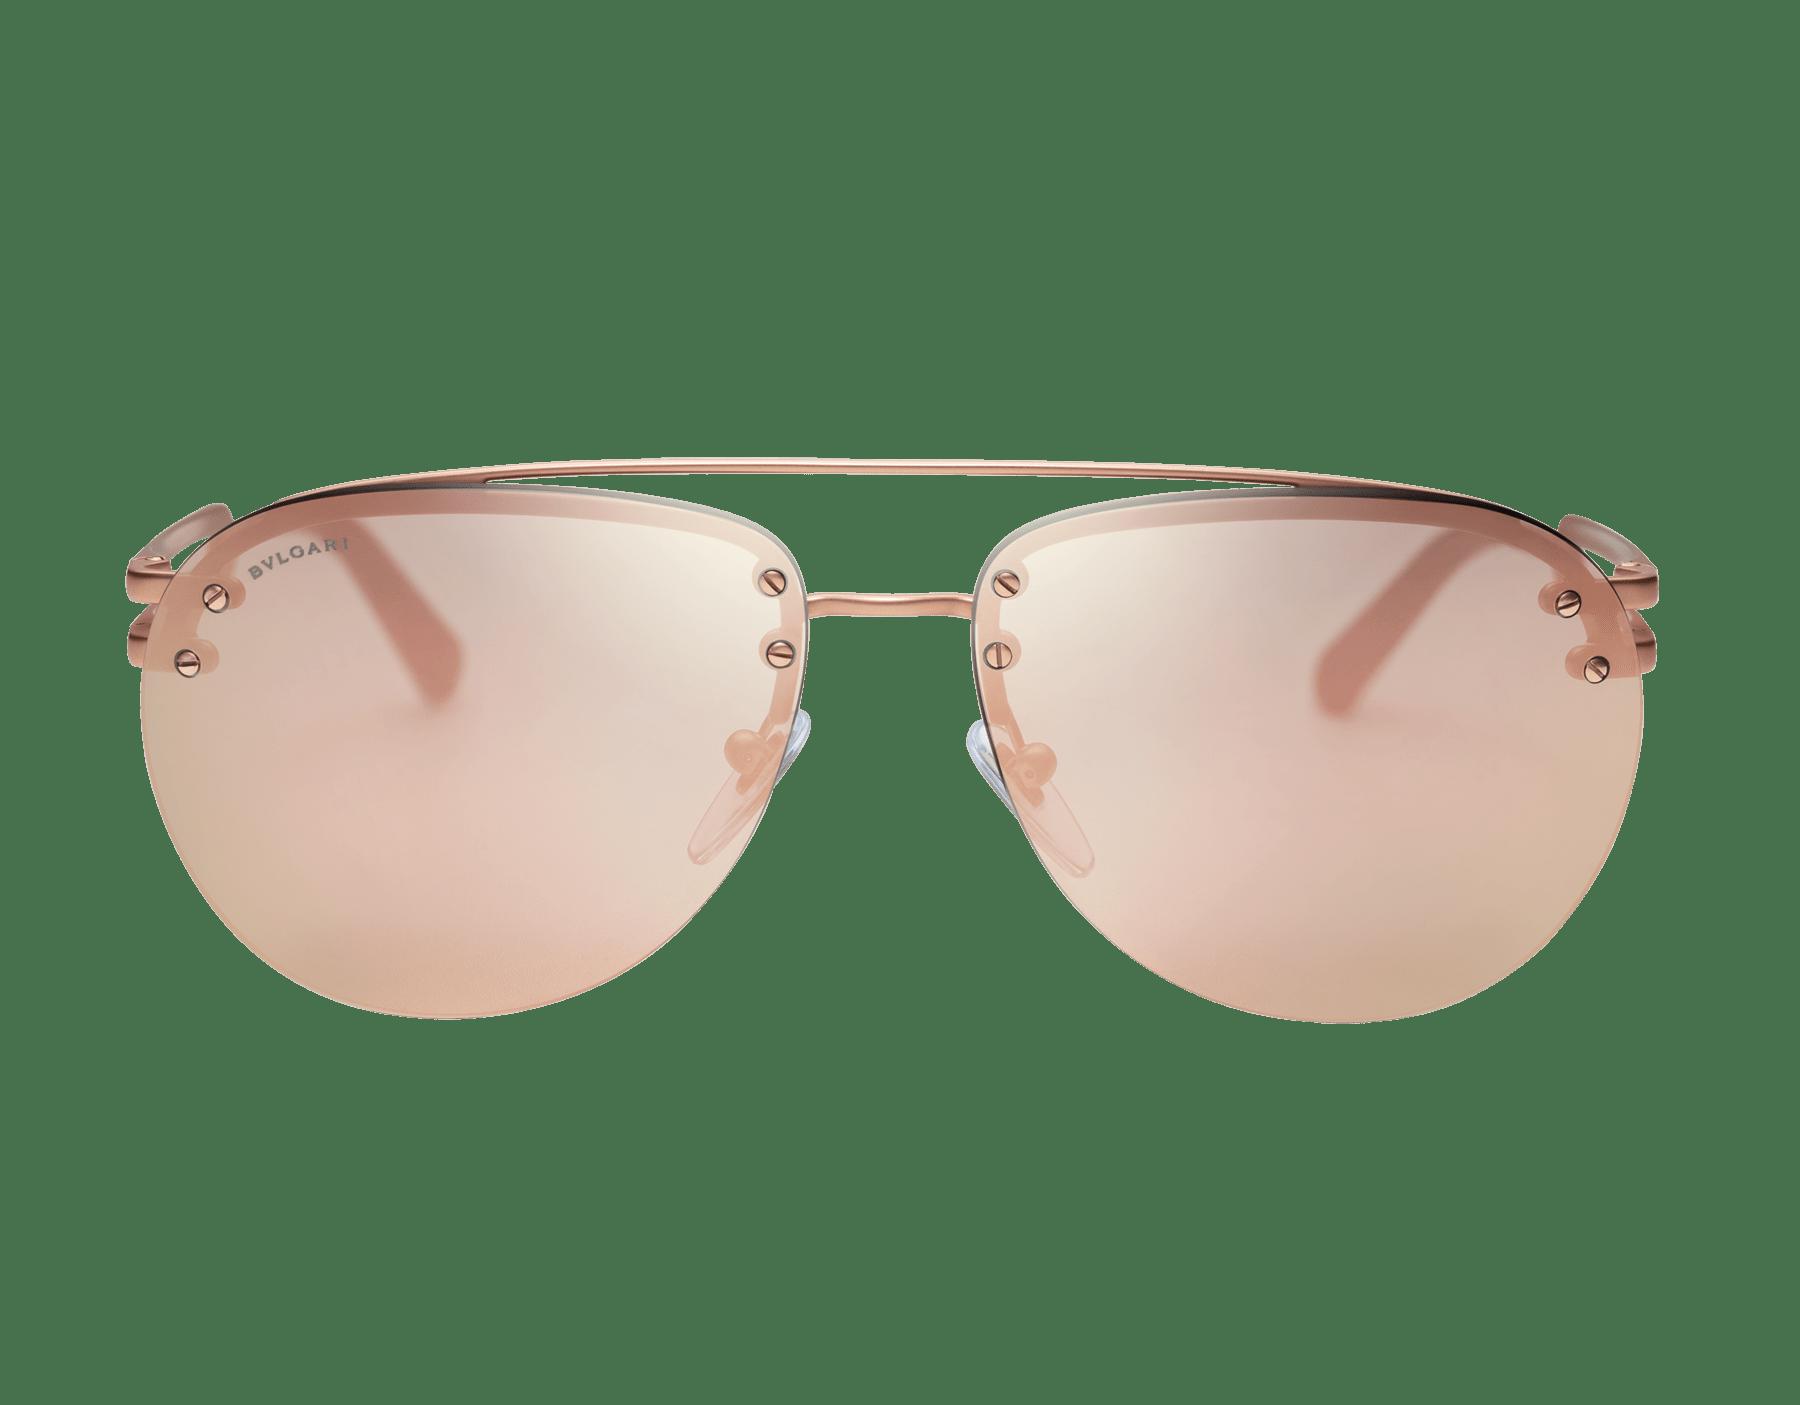 アビエイターシェイプのメタル製ブルガリ・ブルガリ サングラス。ダブルブリッジ。 904043 image 2